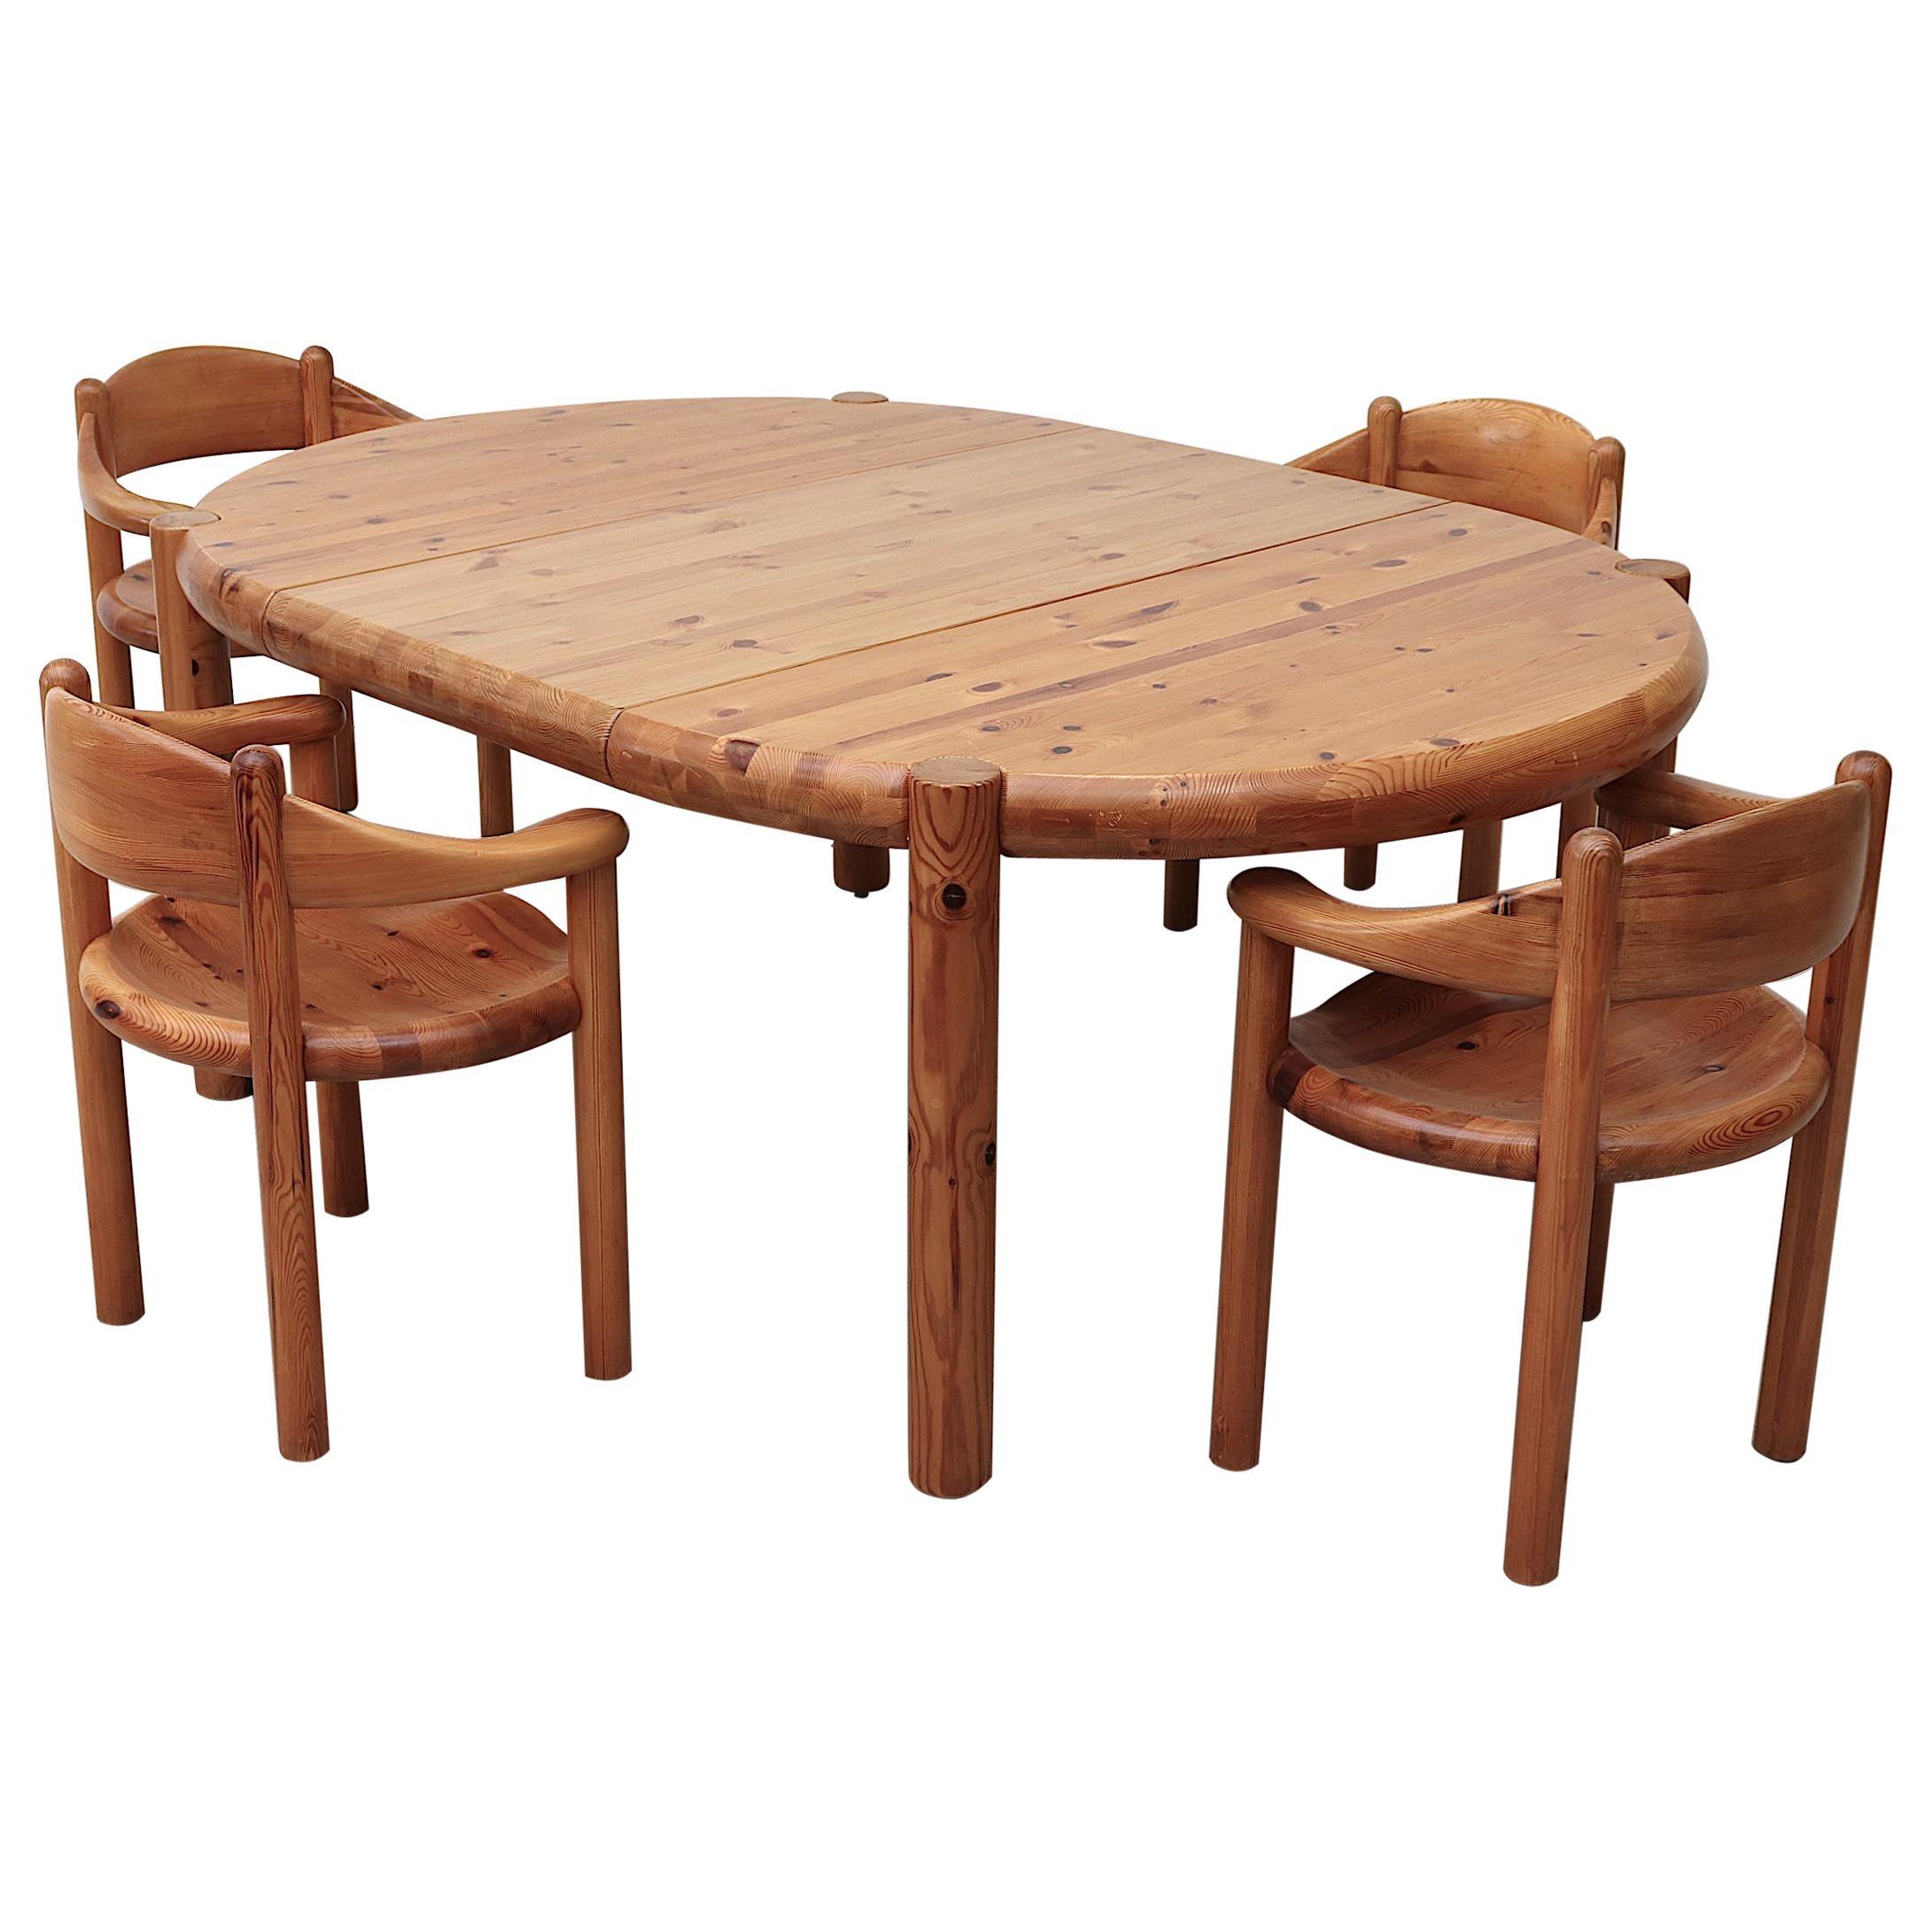 Rainer Daumiller Pine Dining Table for Hirtshals Savvaerk